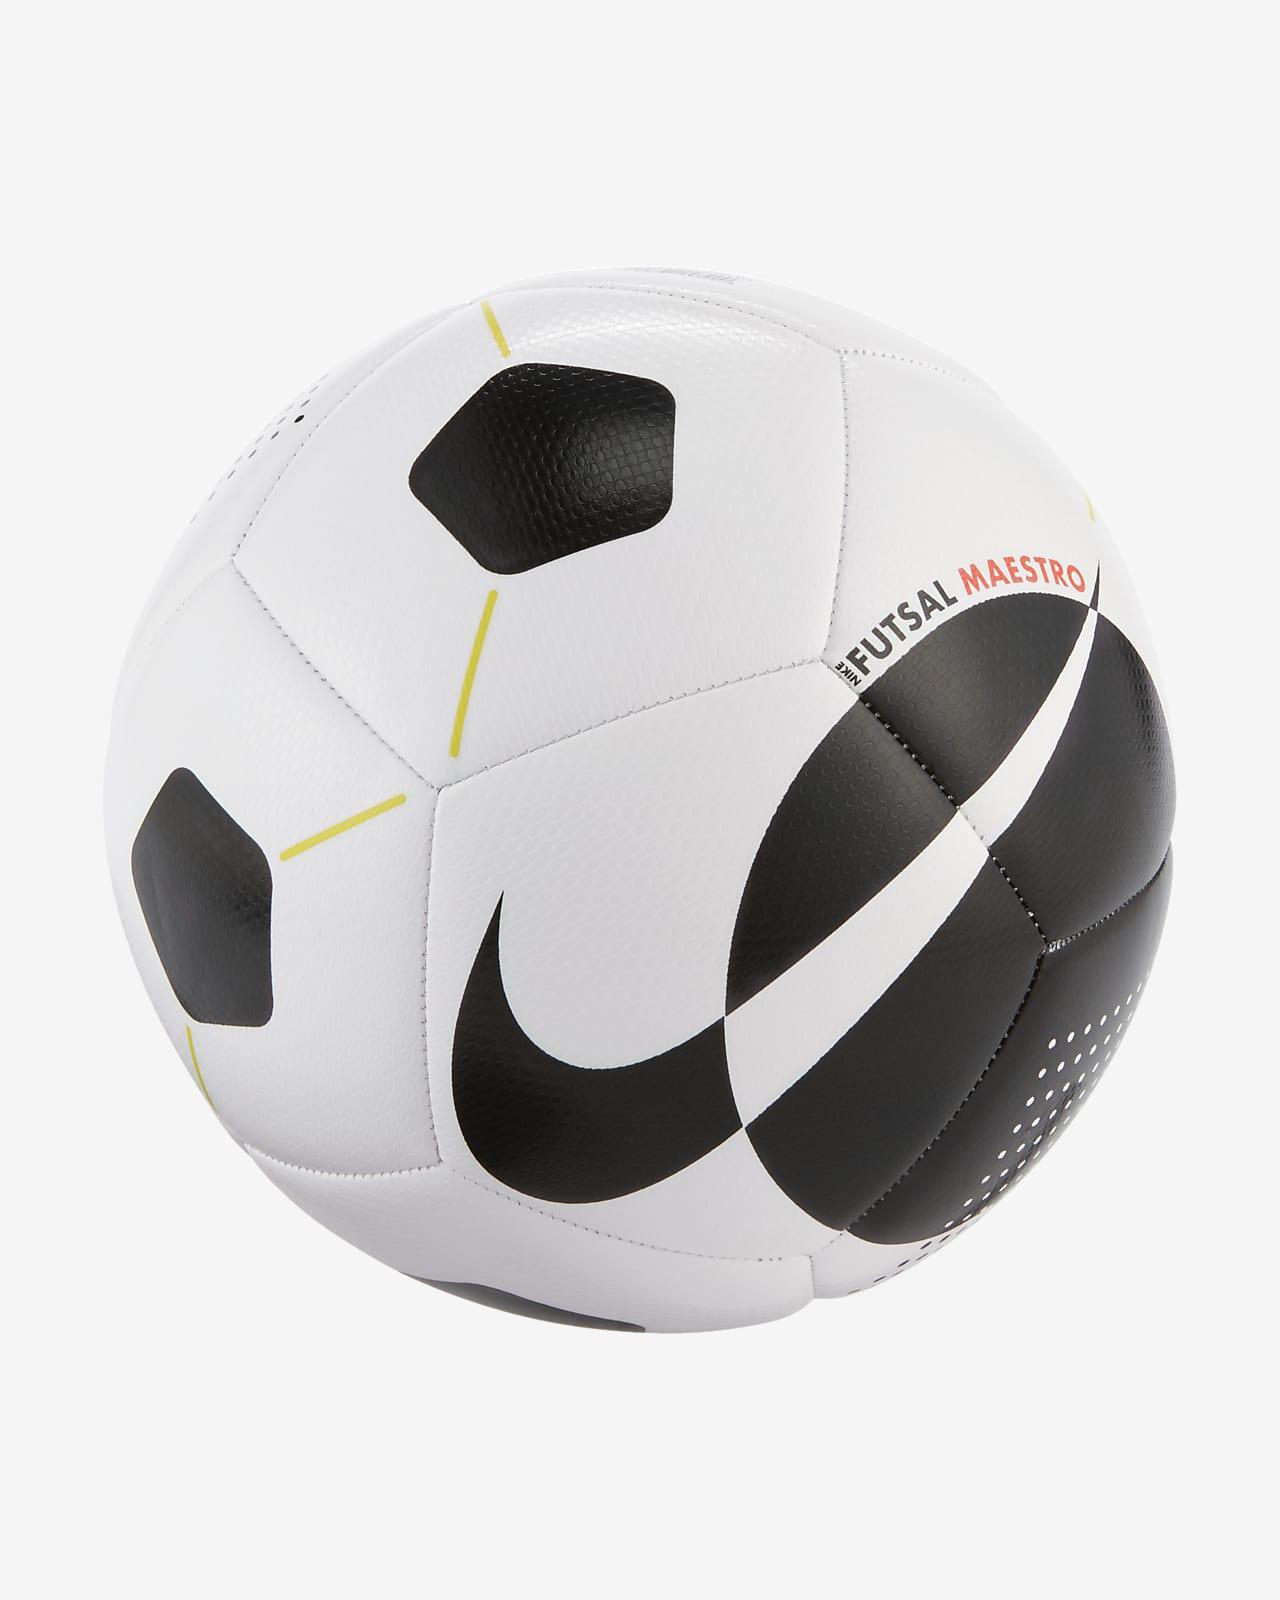 Футбольный мяч Nike Futsal Maestro